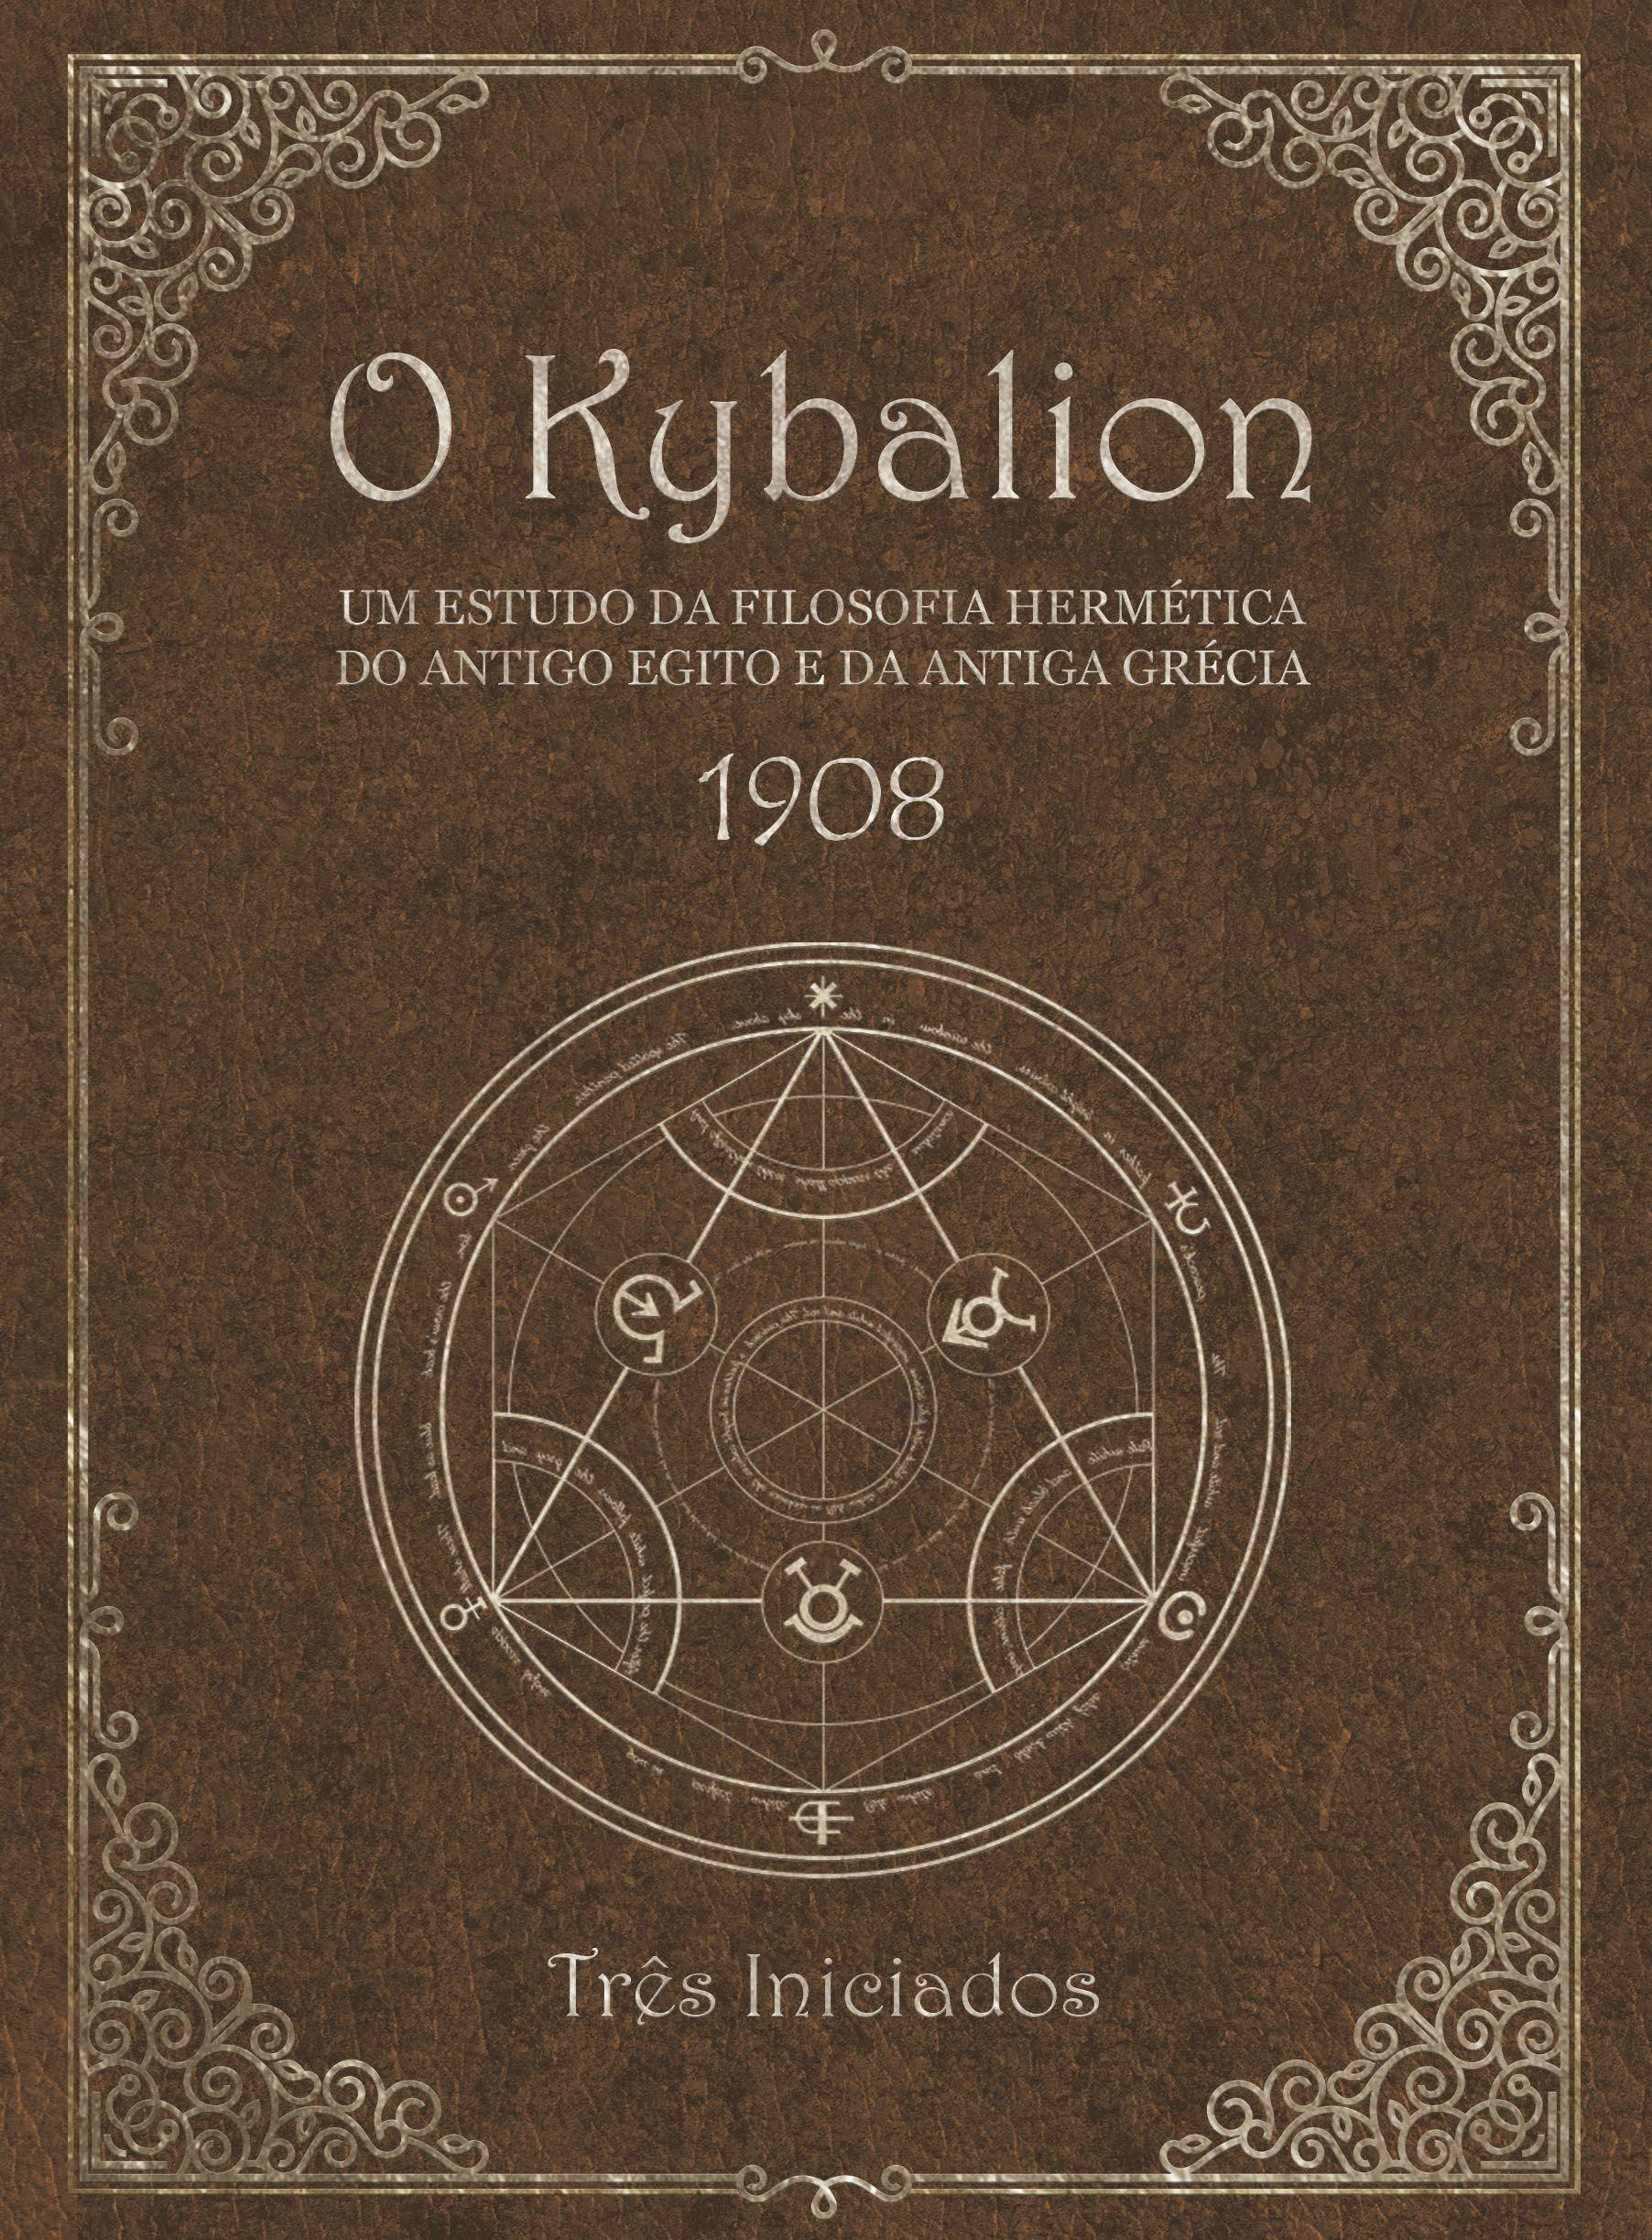 O Kybalion Com Imagens Livros Para Ler Livros Sagrados